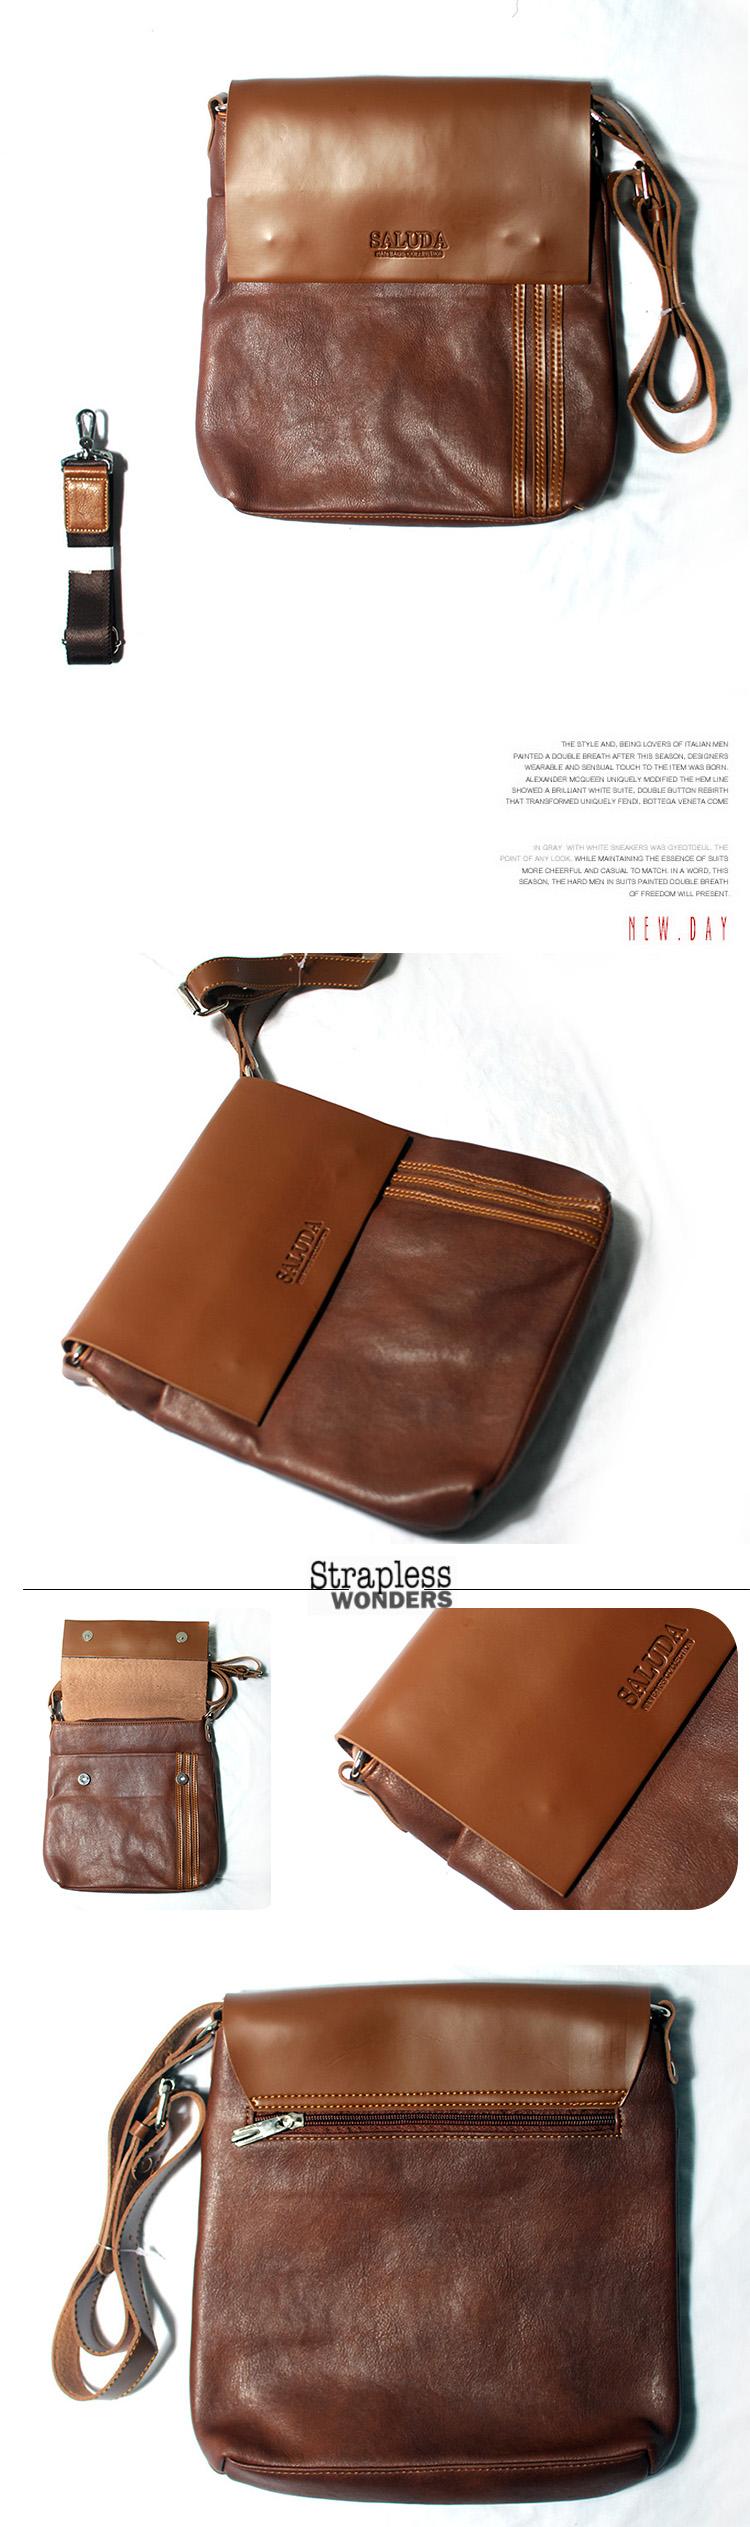 Túi xách ipad txf012 - 1